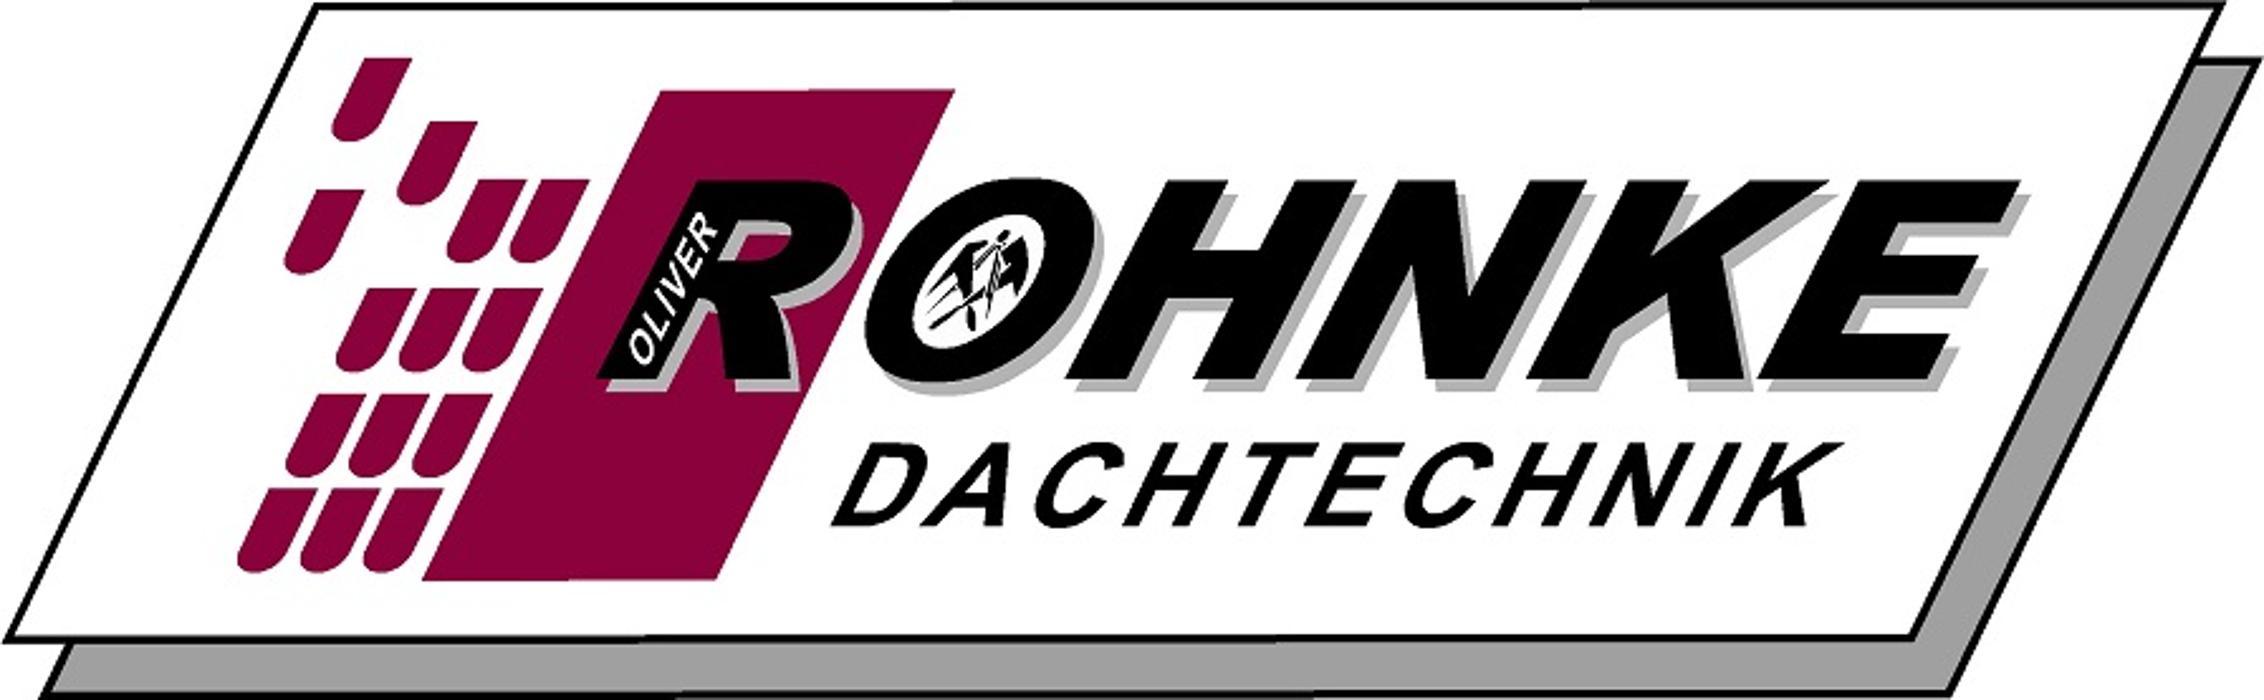 Bild zu Rohnke Dachtechnik in Mönchengladbach